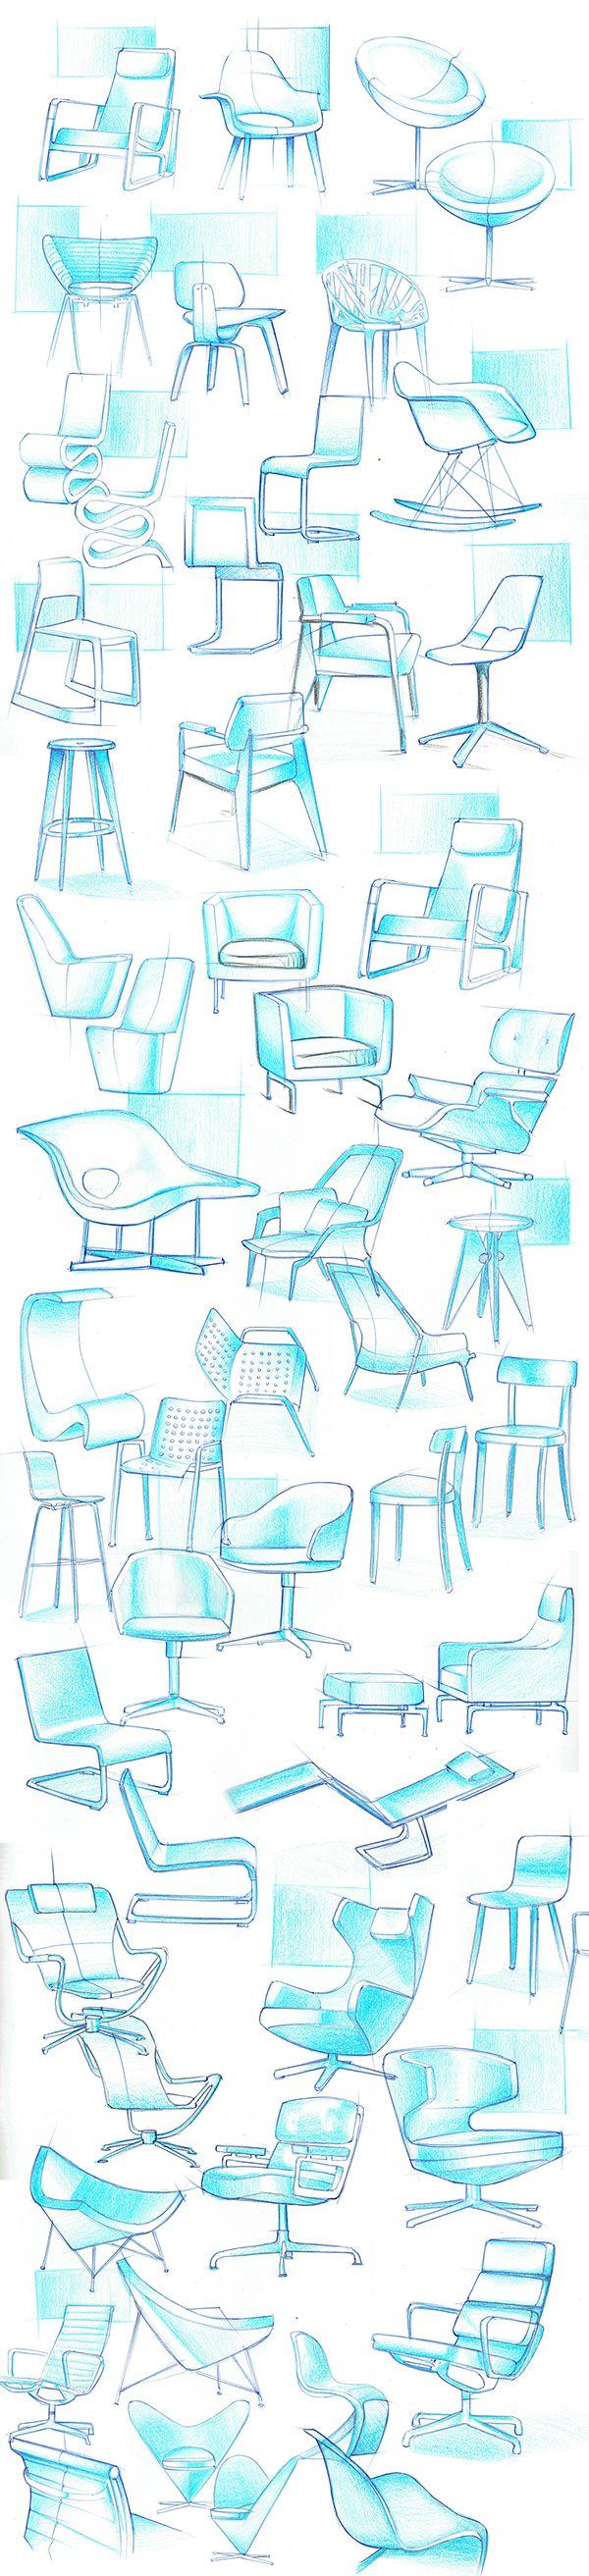 Product design sketchbook